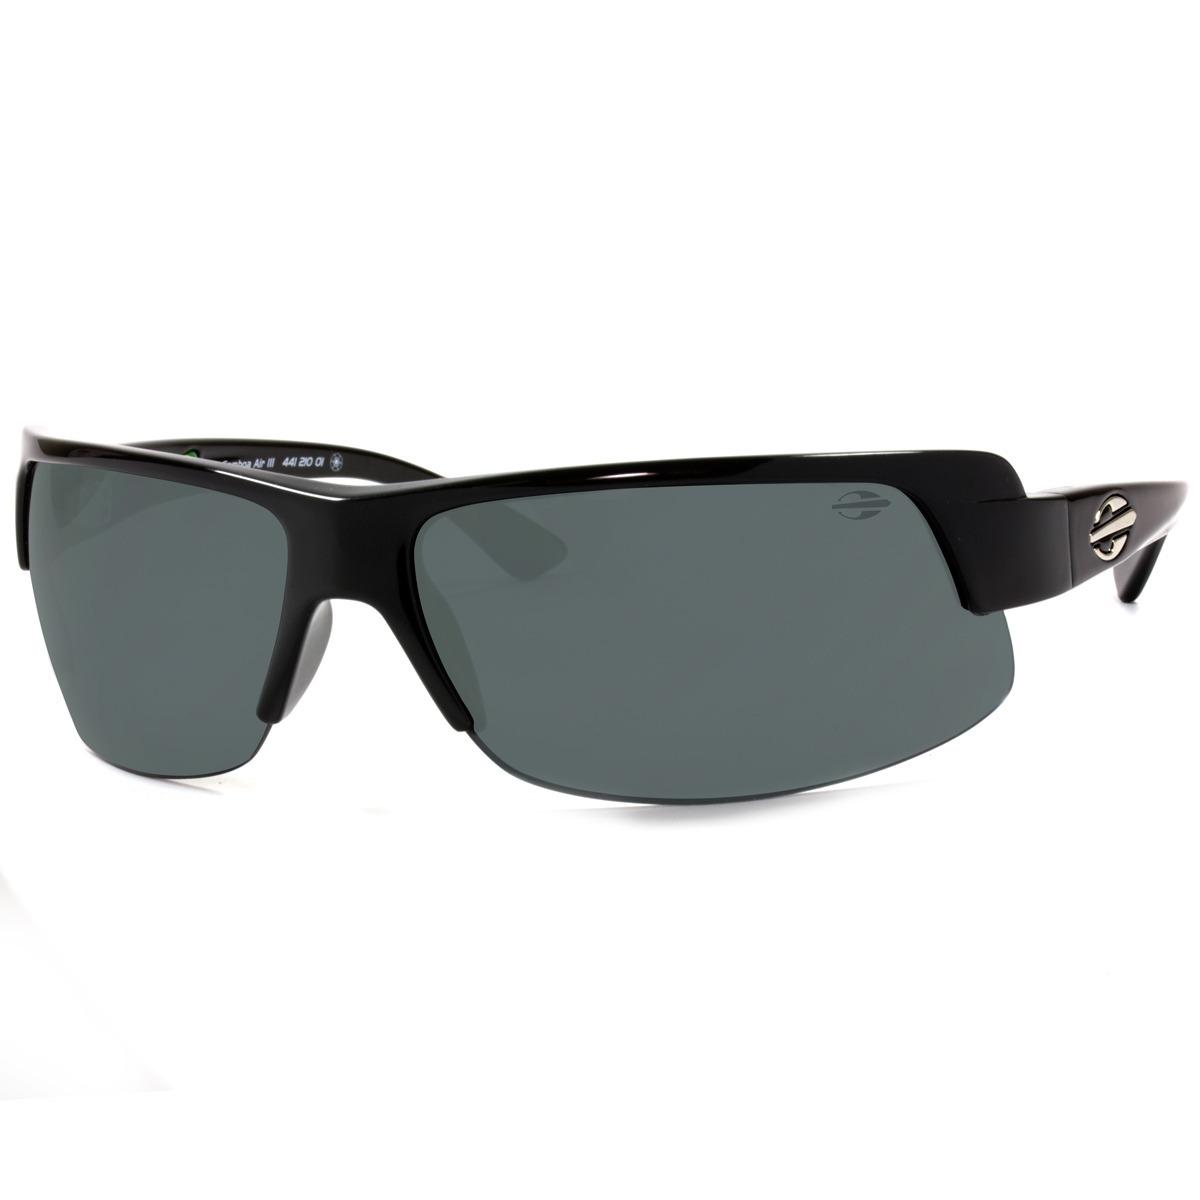 515f28e96fc03 Óculos De Sol Mormaii Gamboa Air Iii 441 210 01 - R  226,80 em ...